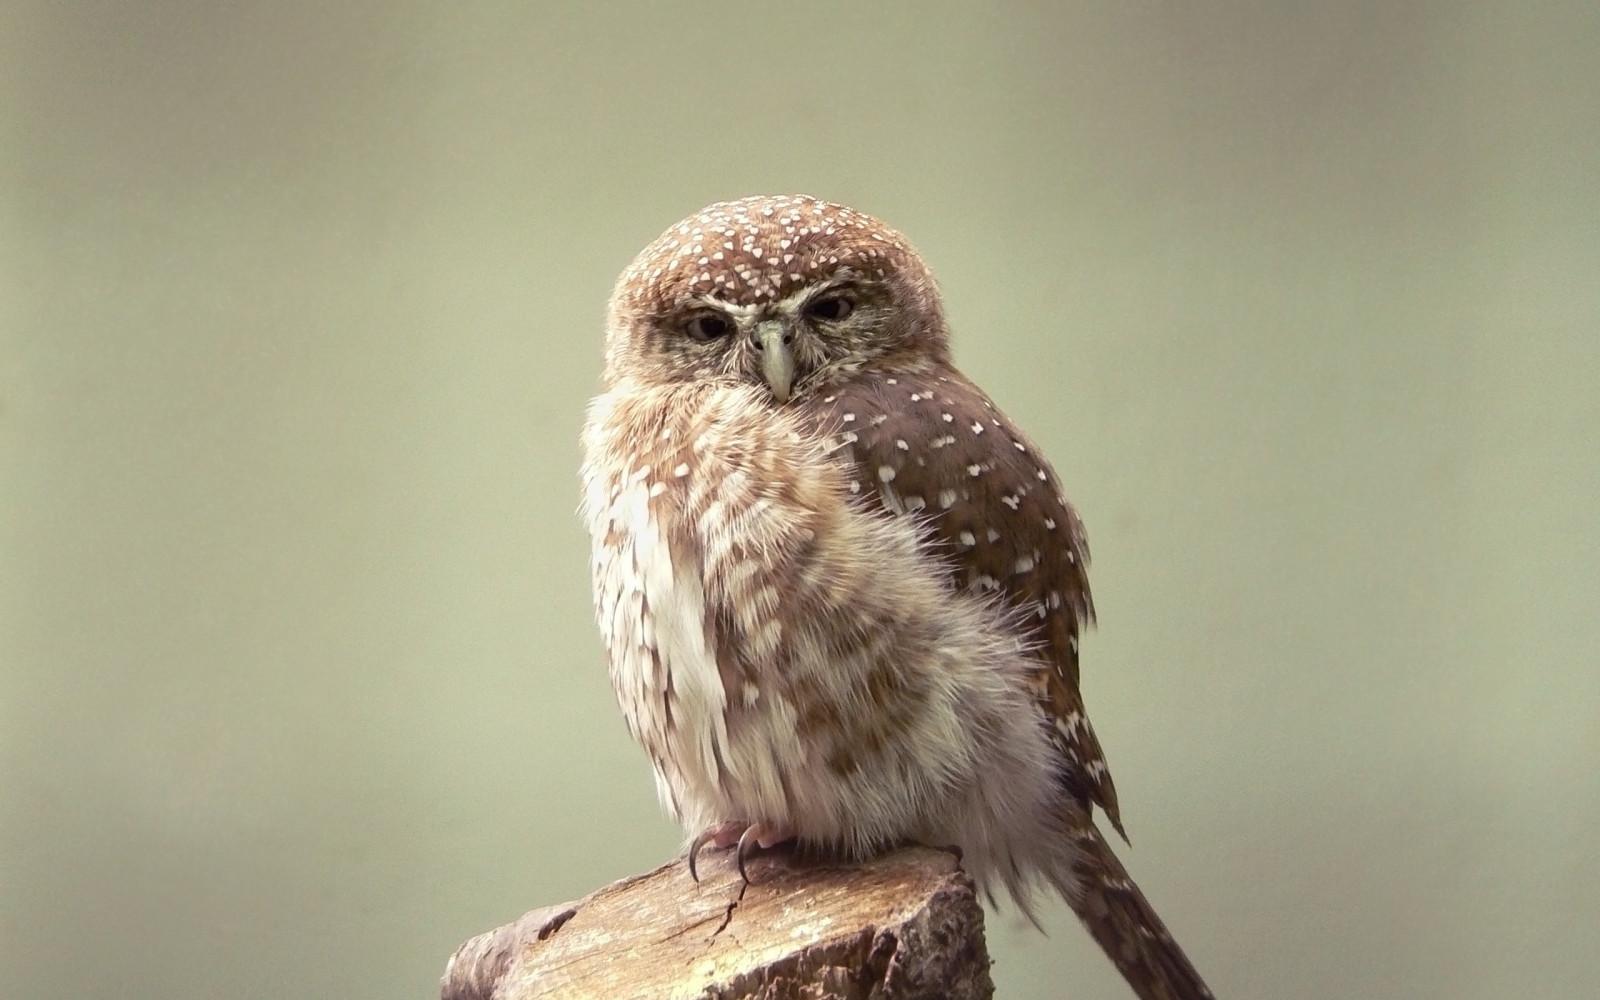 自然褐色_デスクトップ壁紙 : 鳥, 自然, 褐色, 野生動物, 猛禽, フクロウ ...